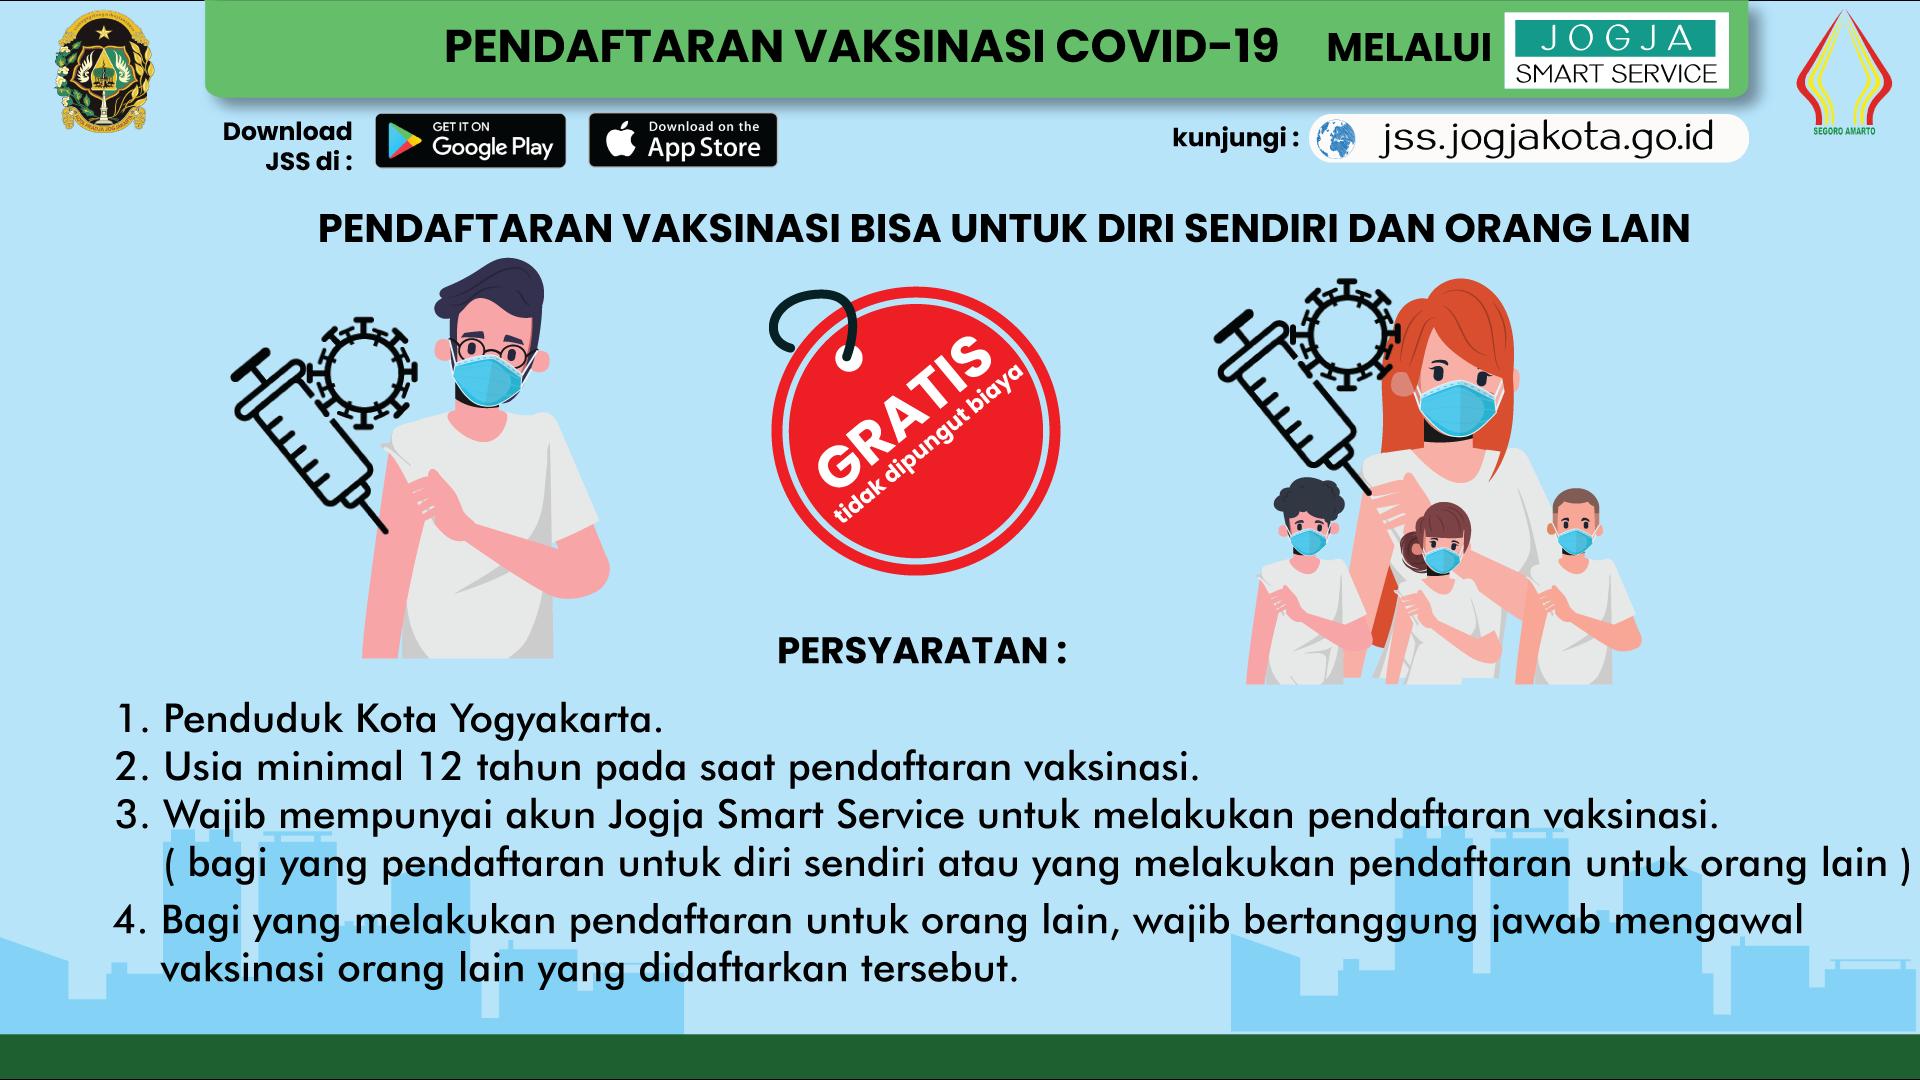 Pendaftaran Vaksinasi Covid-19 untuk Masyarakat Umum di Kota Yogyakarta